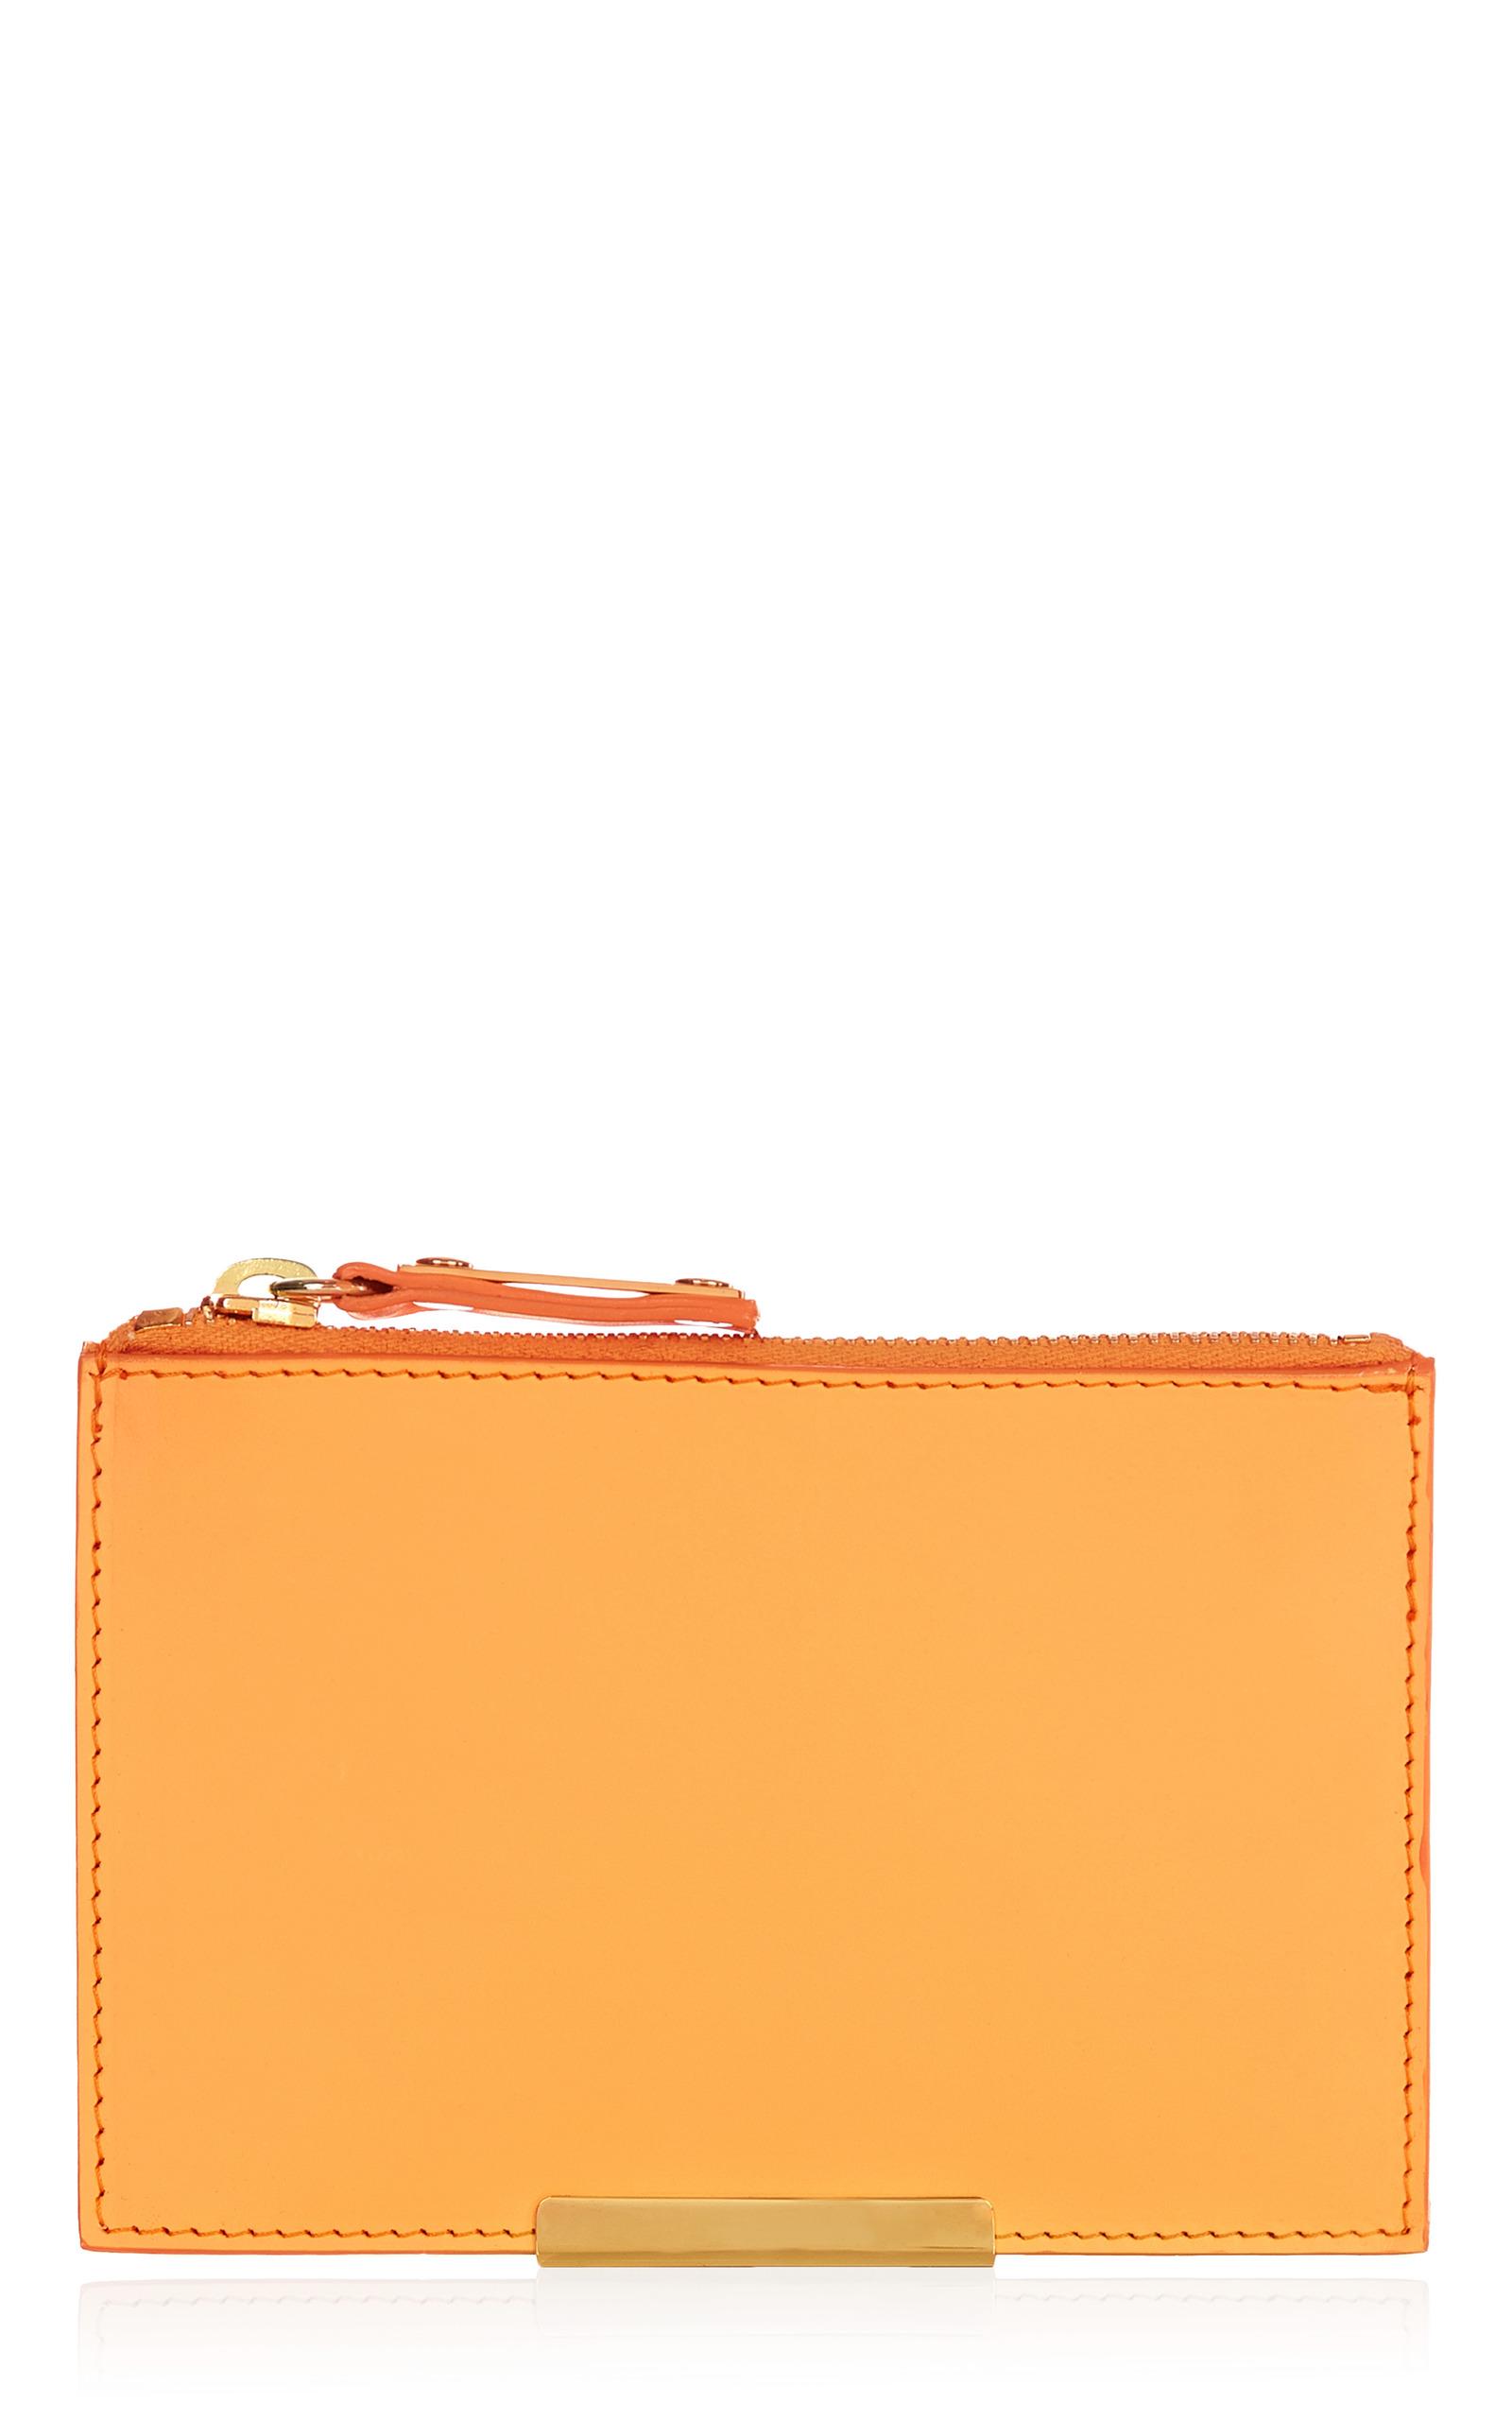 Small Leather Goods - Coin purses Sophie Hulme J08IaVeU0K